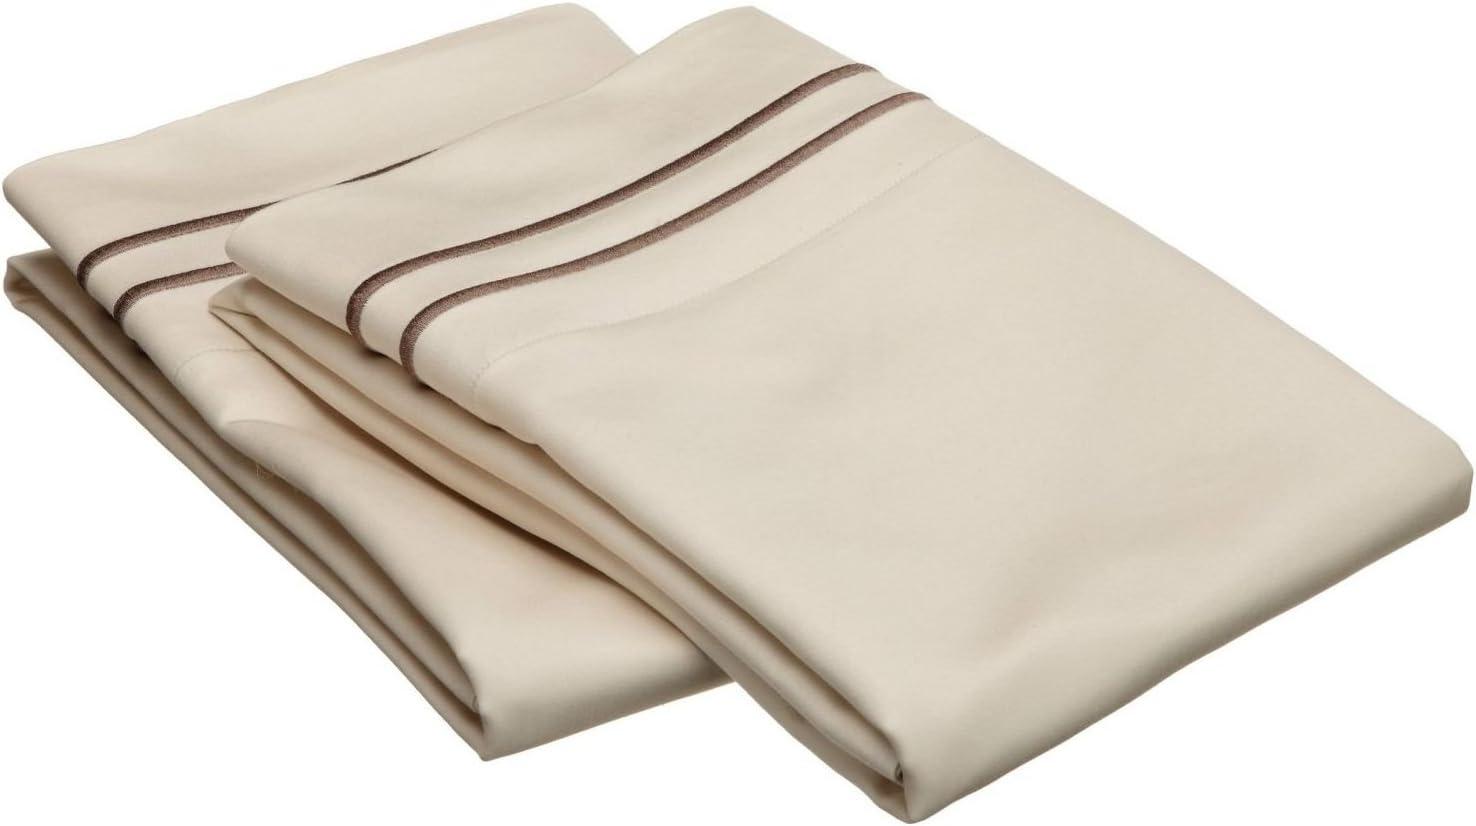 BLUENILEMILLS Egyptian Cotton Premium Sale Special Price 800-Thread Set Washington Mall Pillowcase